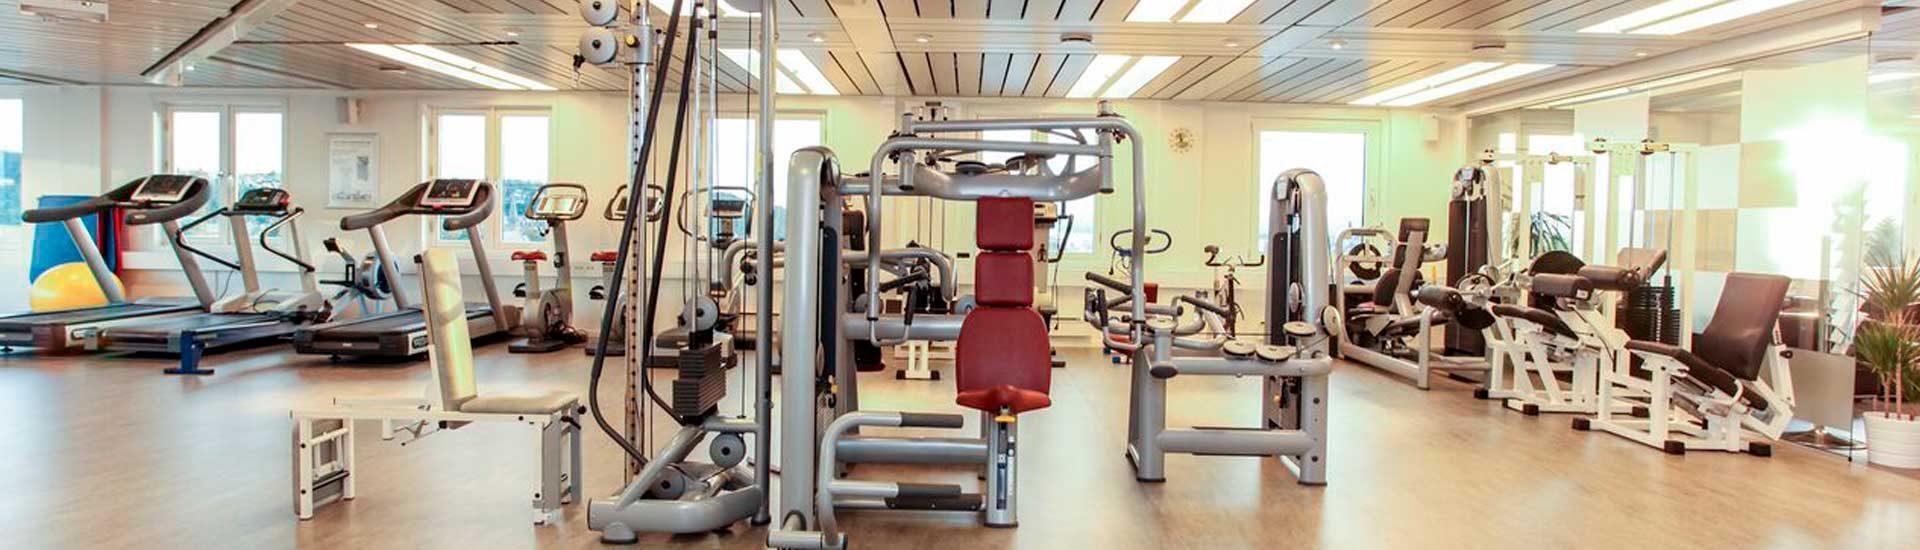 Test- og treningstilbud | Apexklinikken